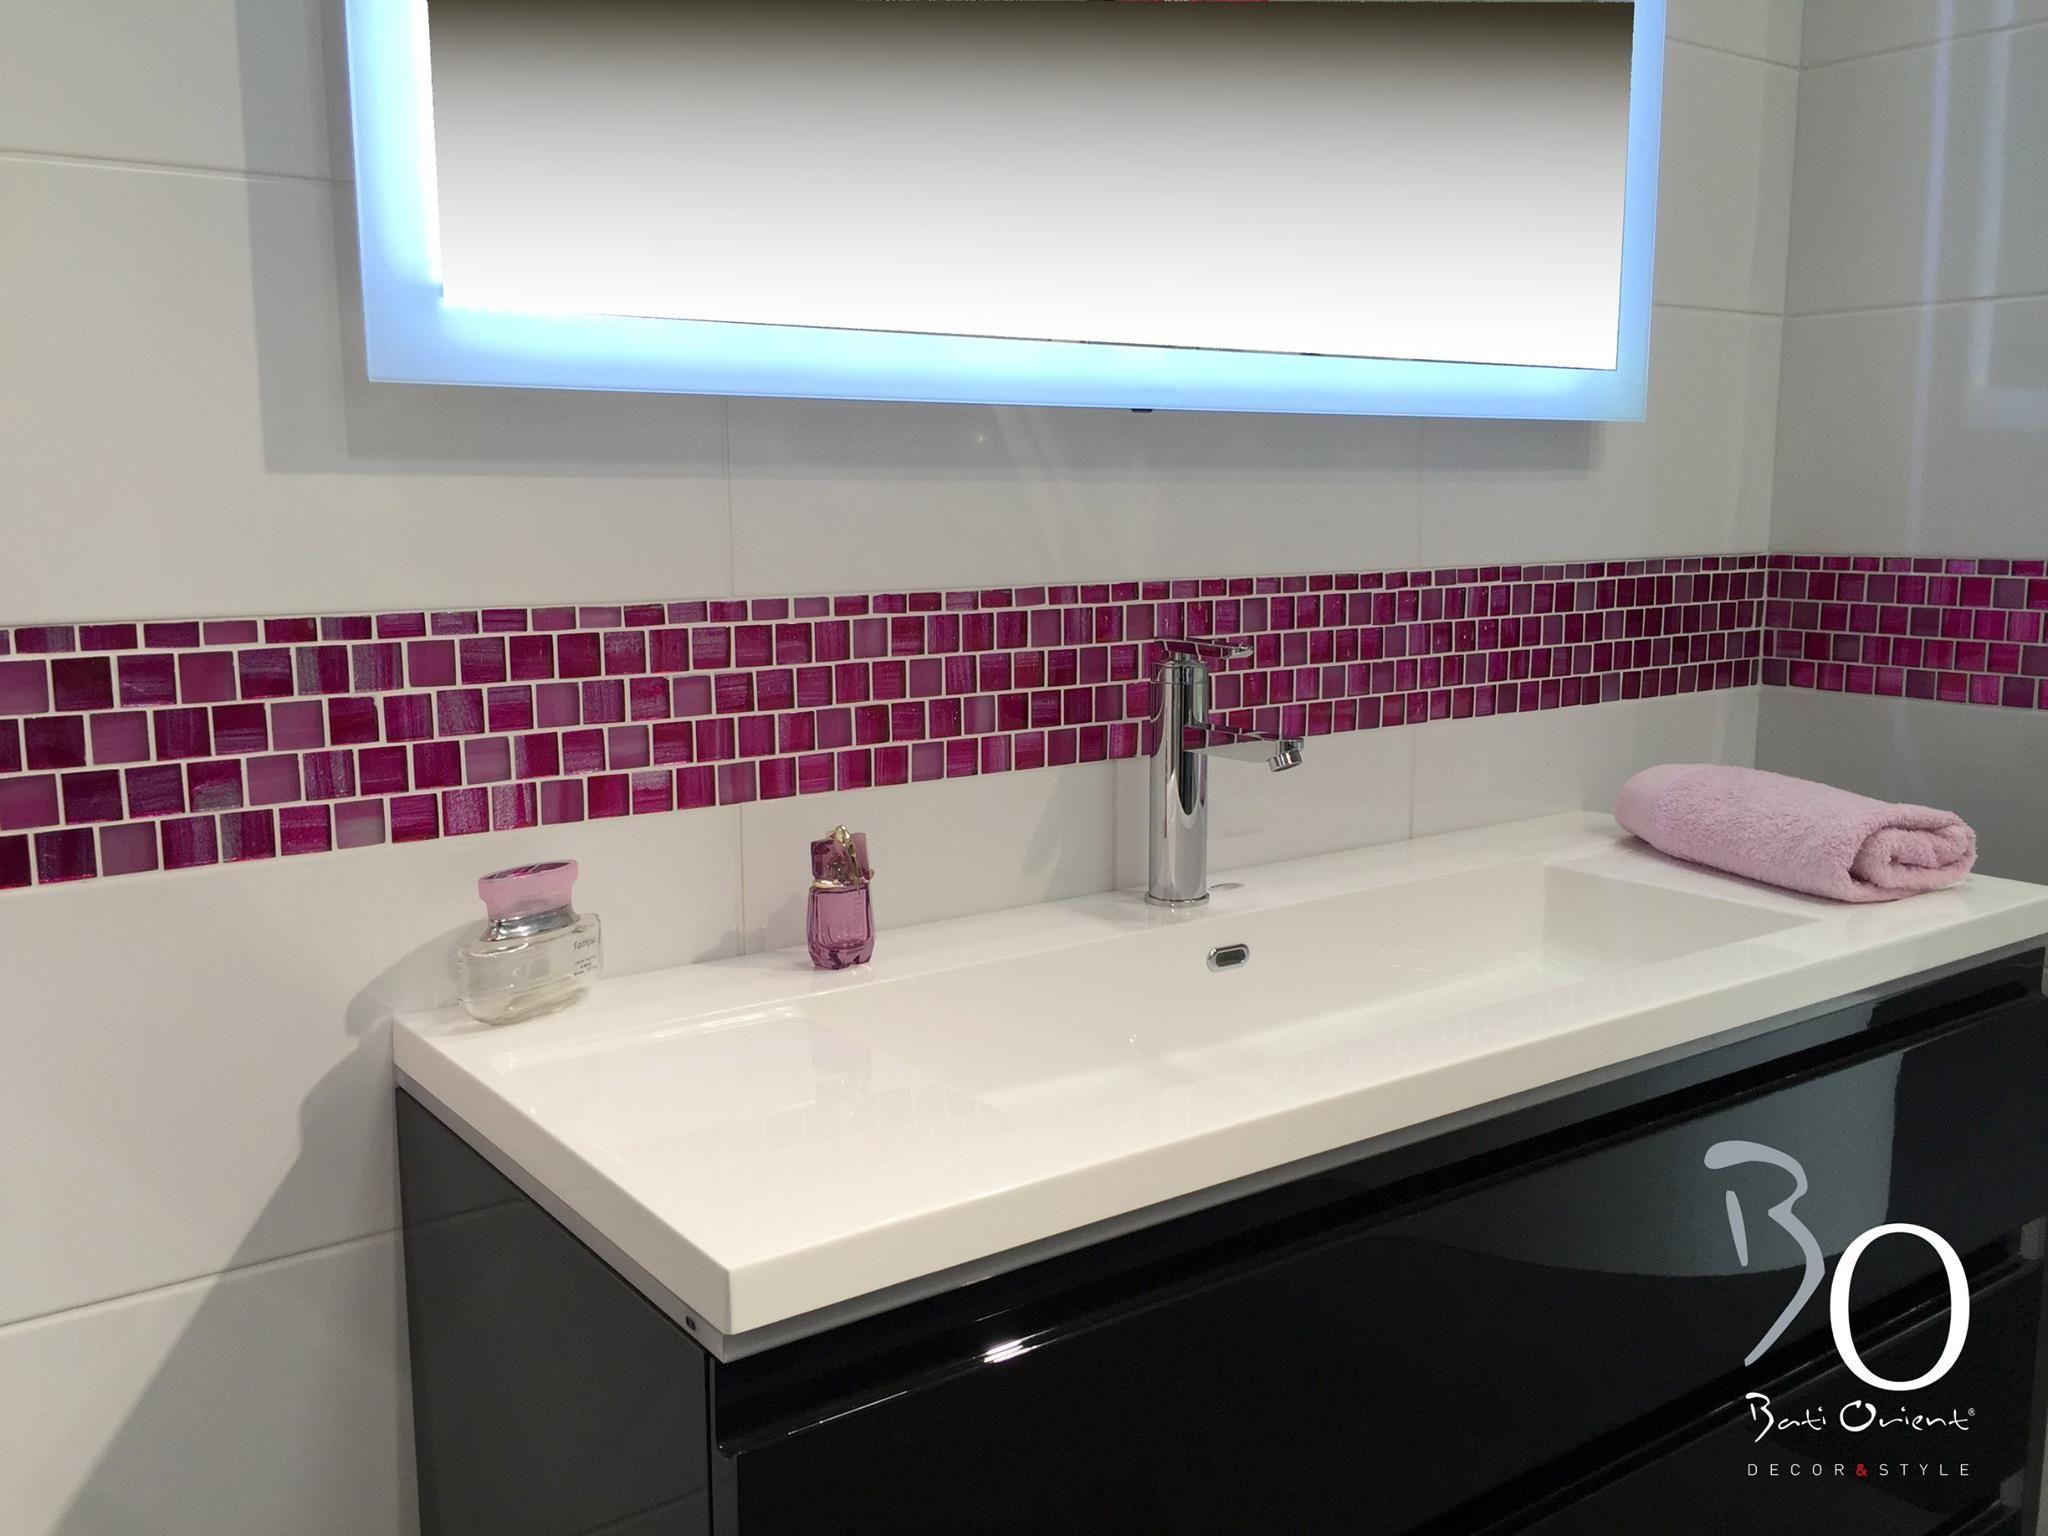 jolie frise murale par bati orient en mosa que de verre couleur fushia et motif ligne argent. Black Bedroom Furniture Sets. Home Design Ideas